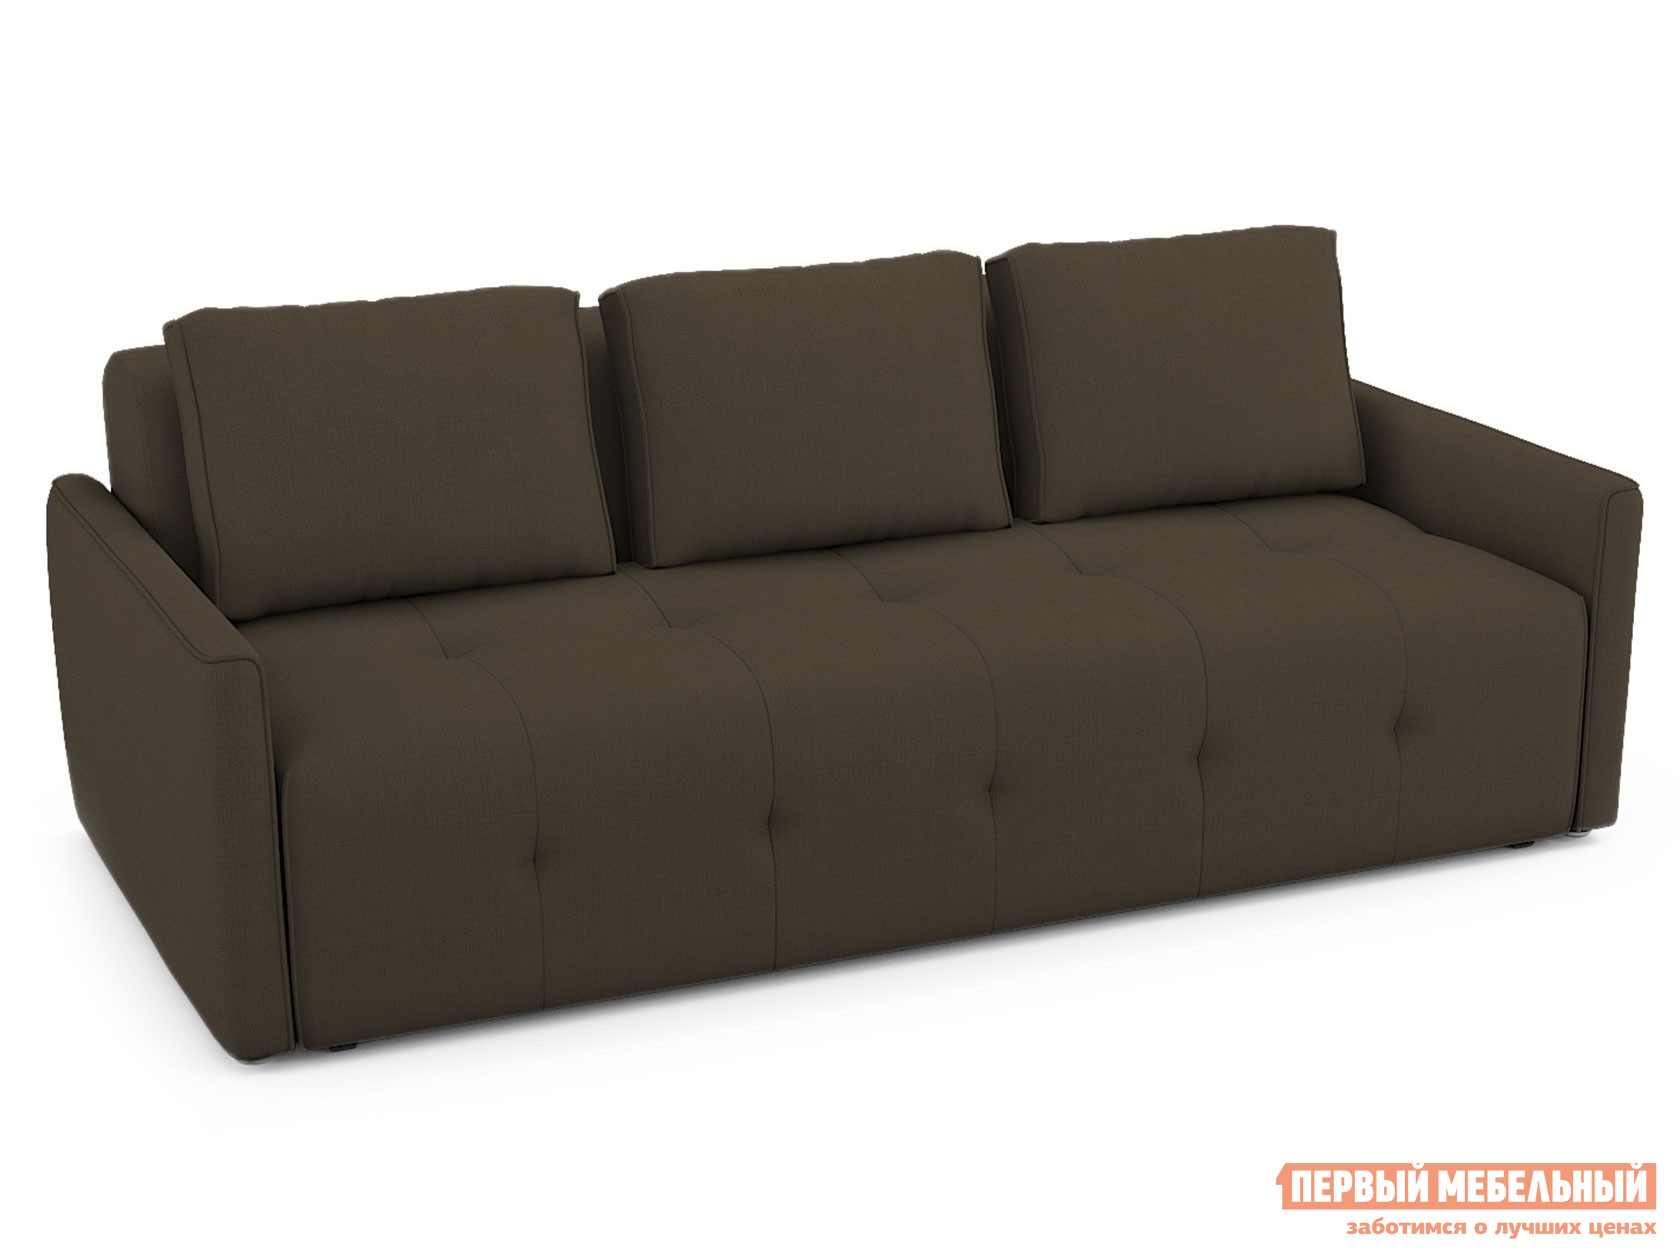 Прямой диван Первый Мебельный Прямой диван Бронкс